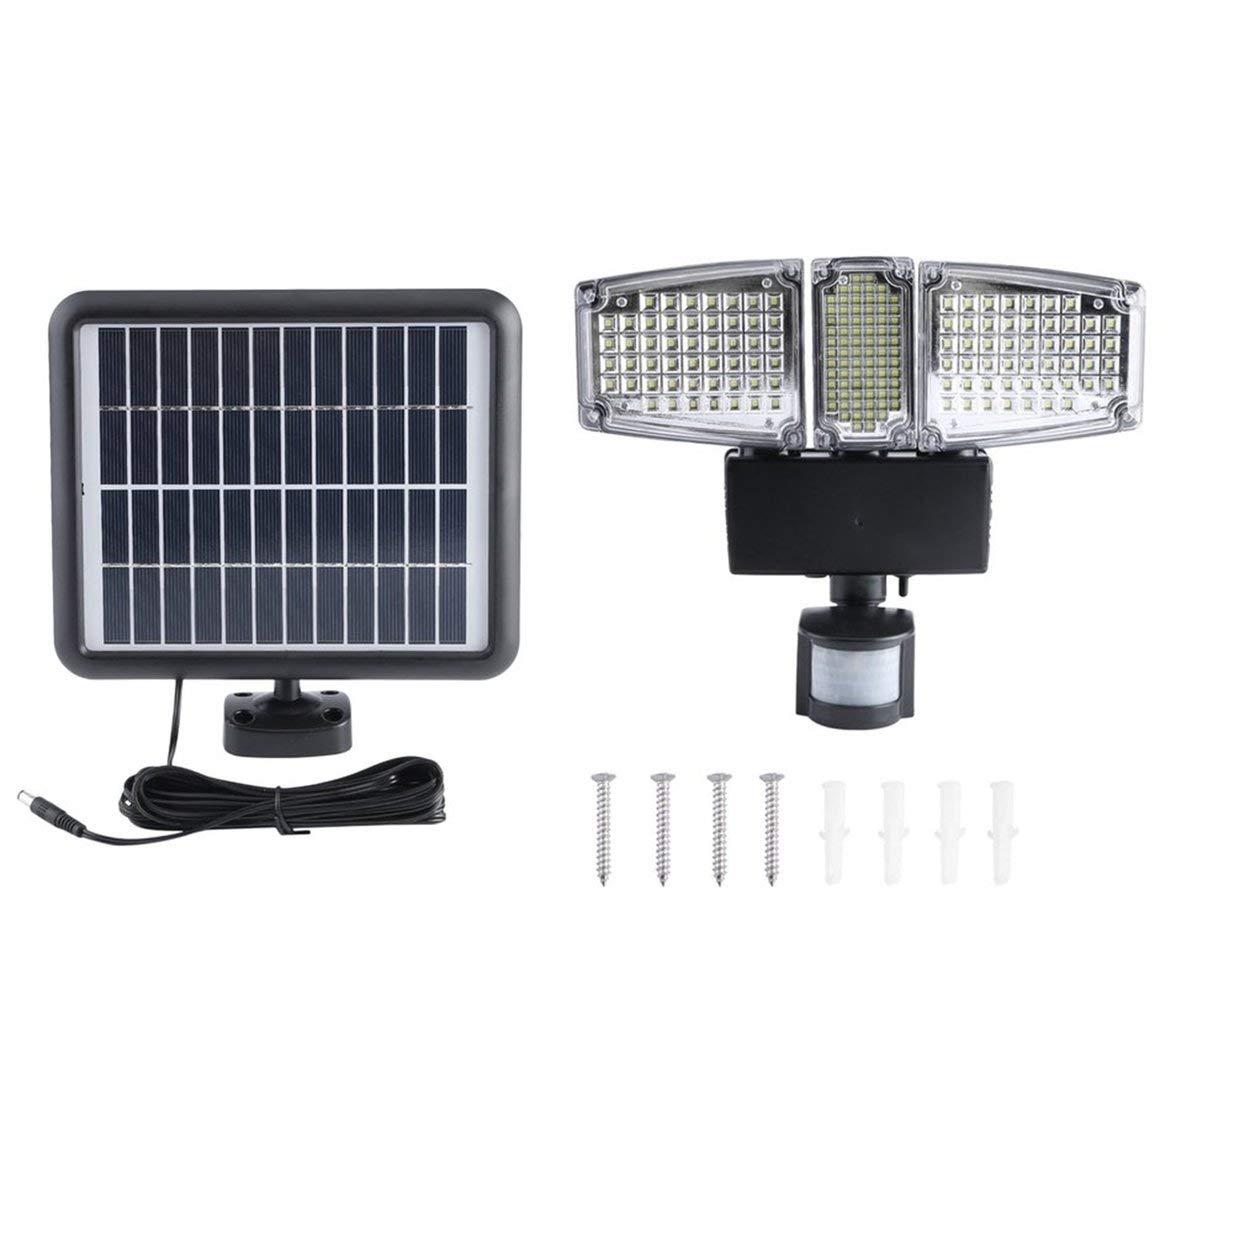 178 Lampada a induzione a luce indiretta per lampada a induzione a LED a tre teste per esterni alimentata a parete